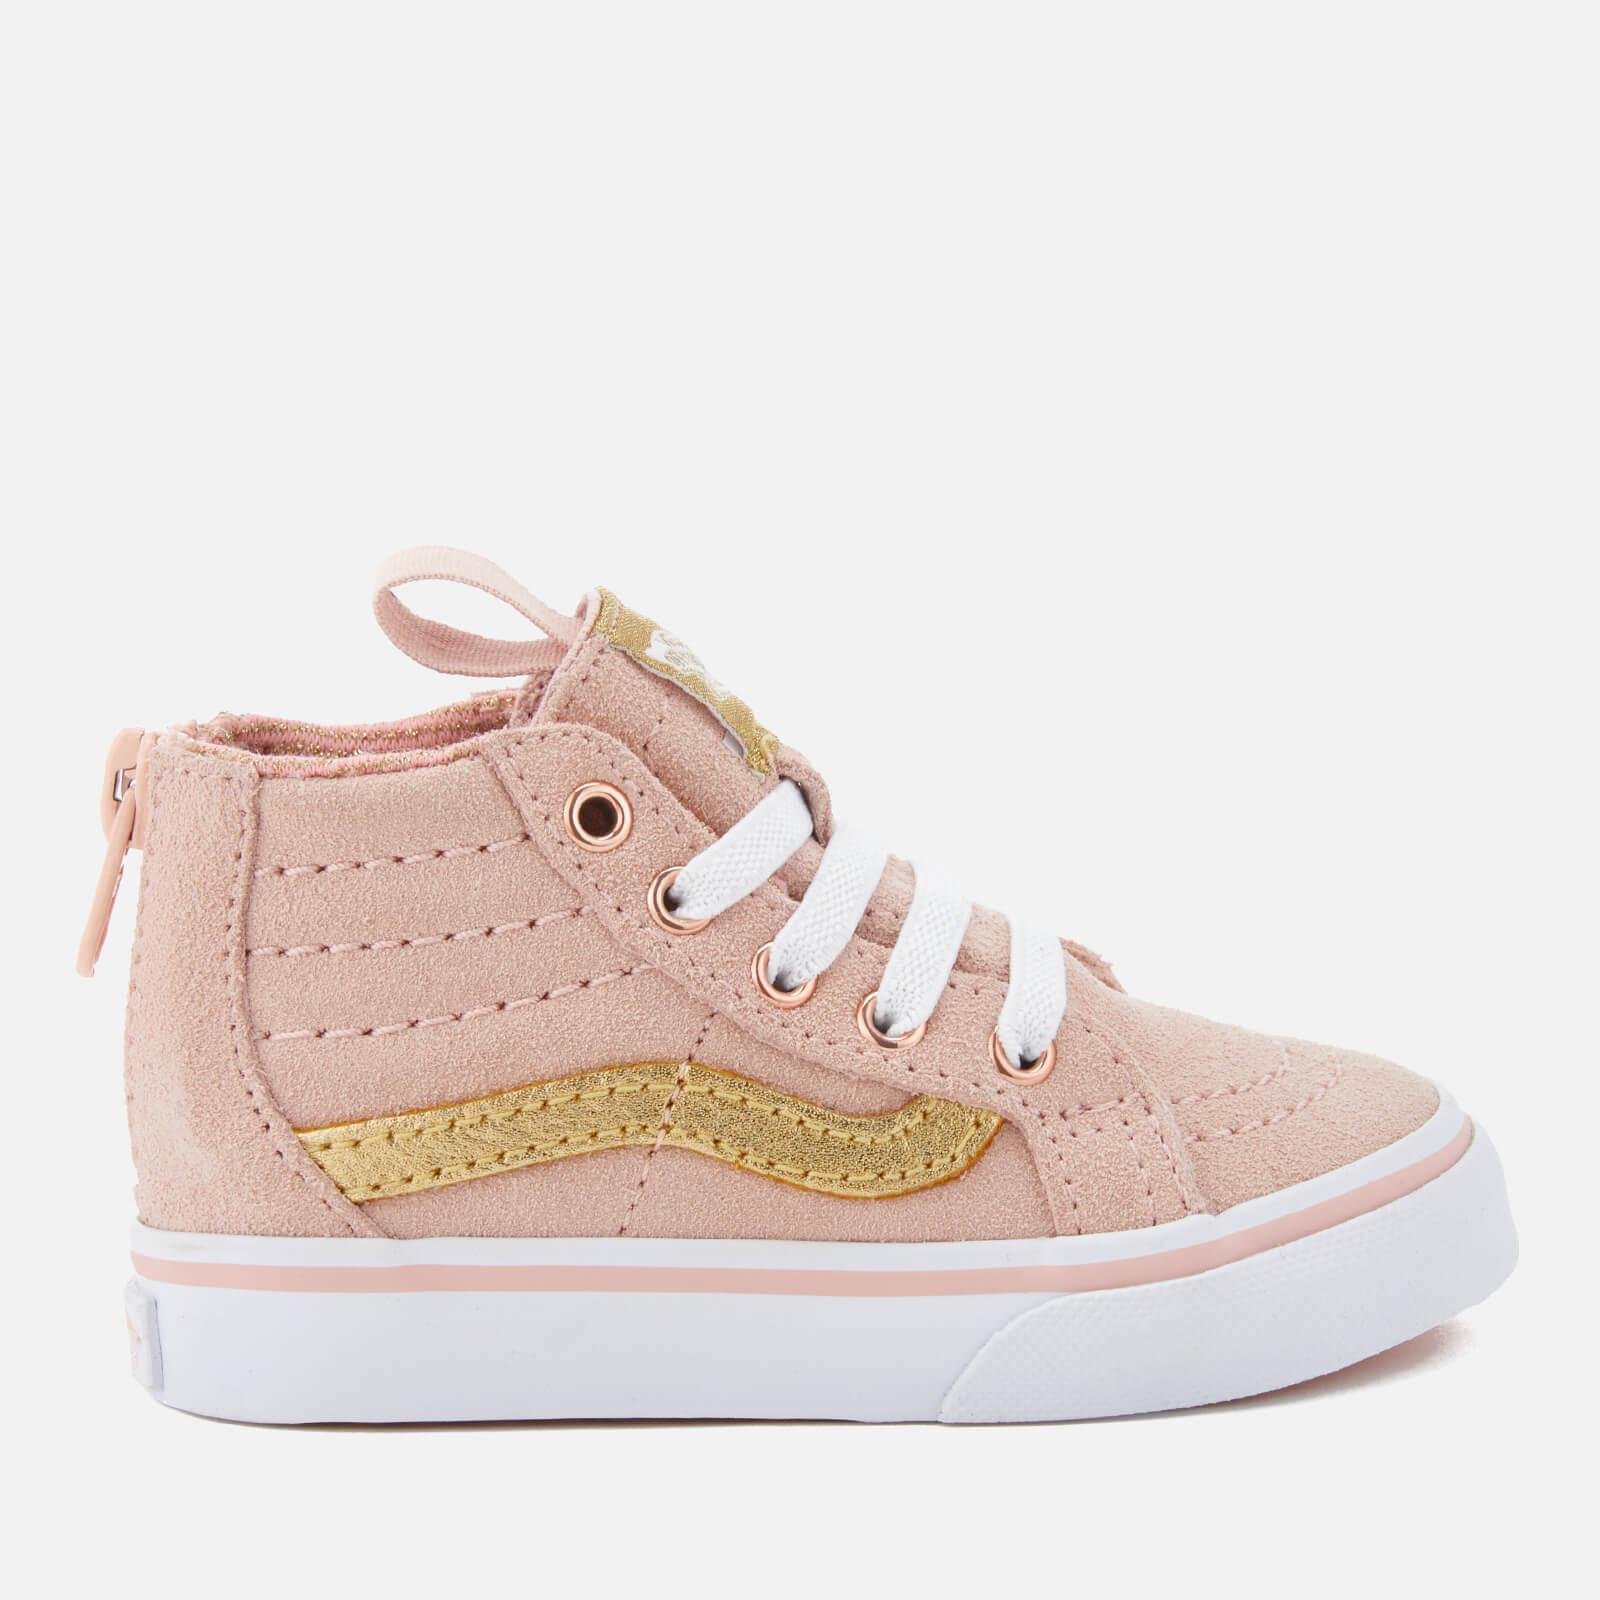 afc6388461 Vans Toddlers  Sk8-Hi Zip Mte Hi-Top Trainers - Sepia Rose Metallic Junior  Clothing